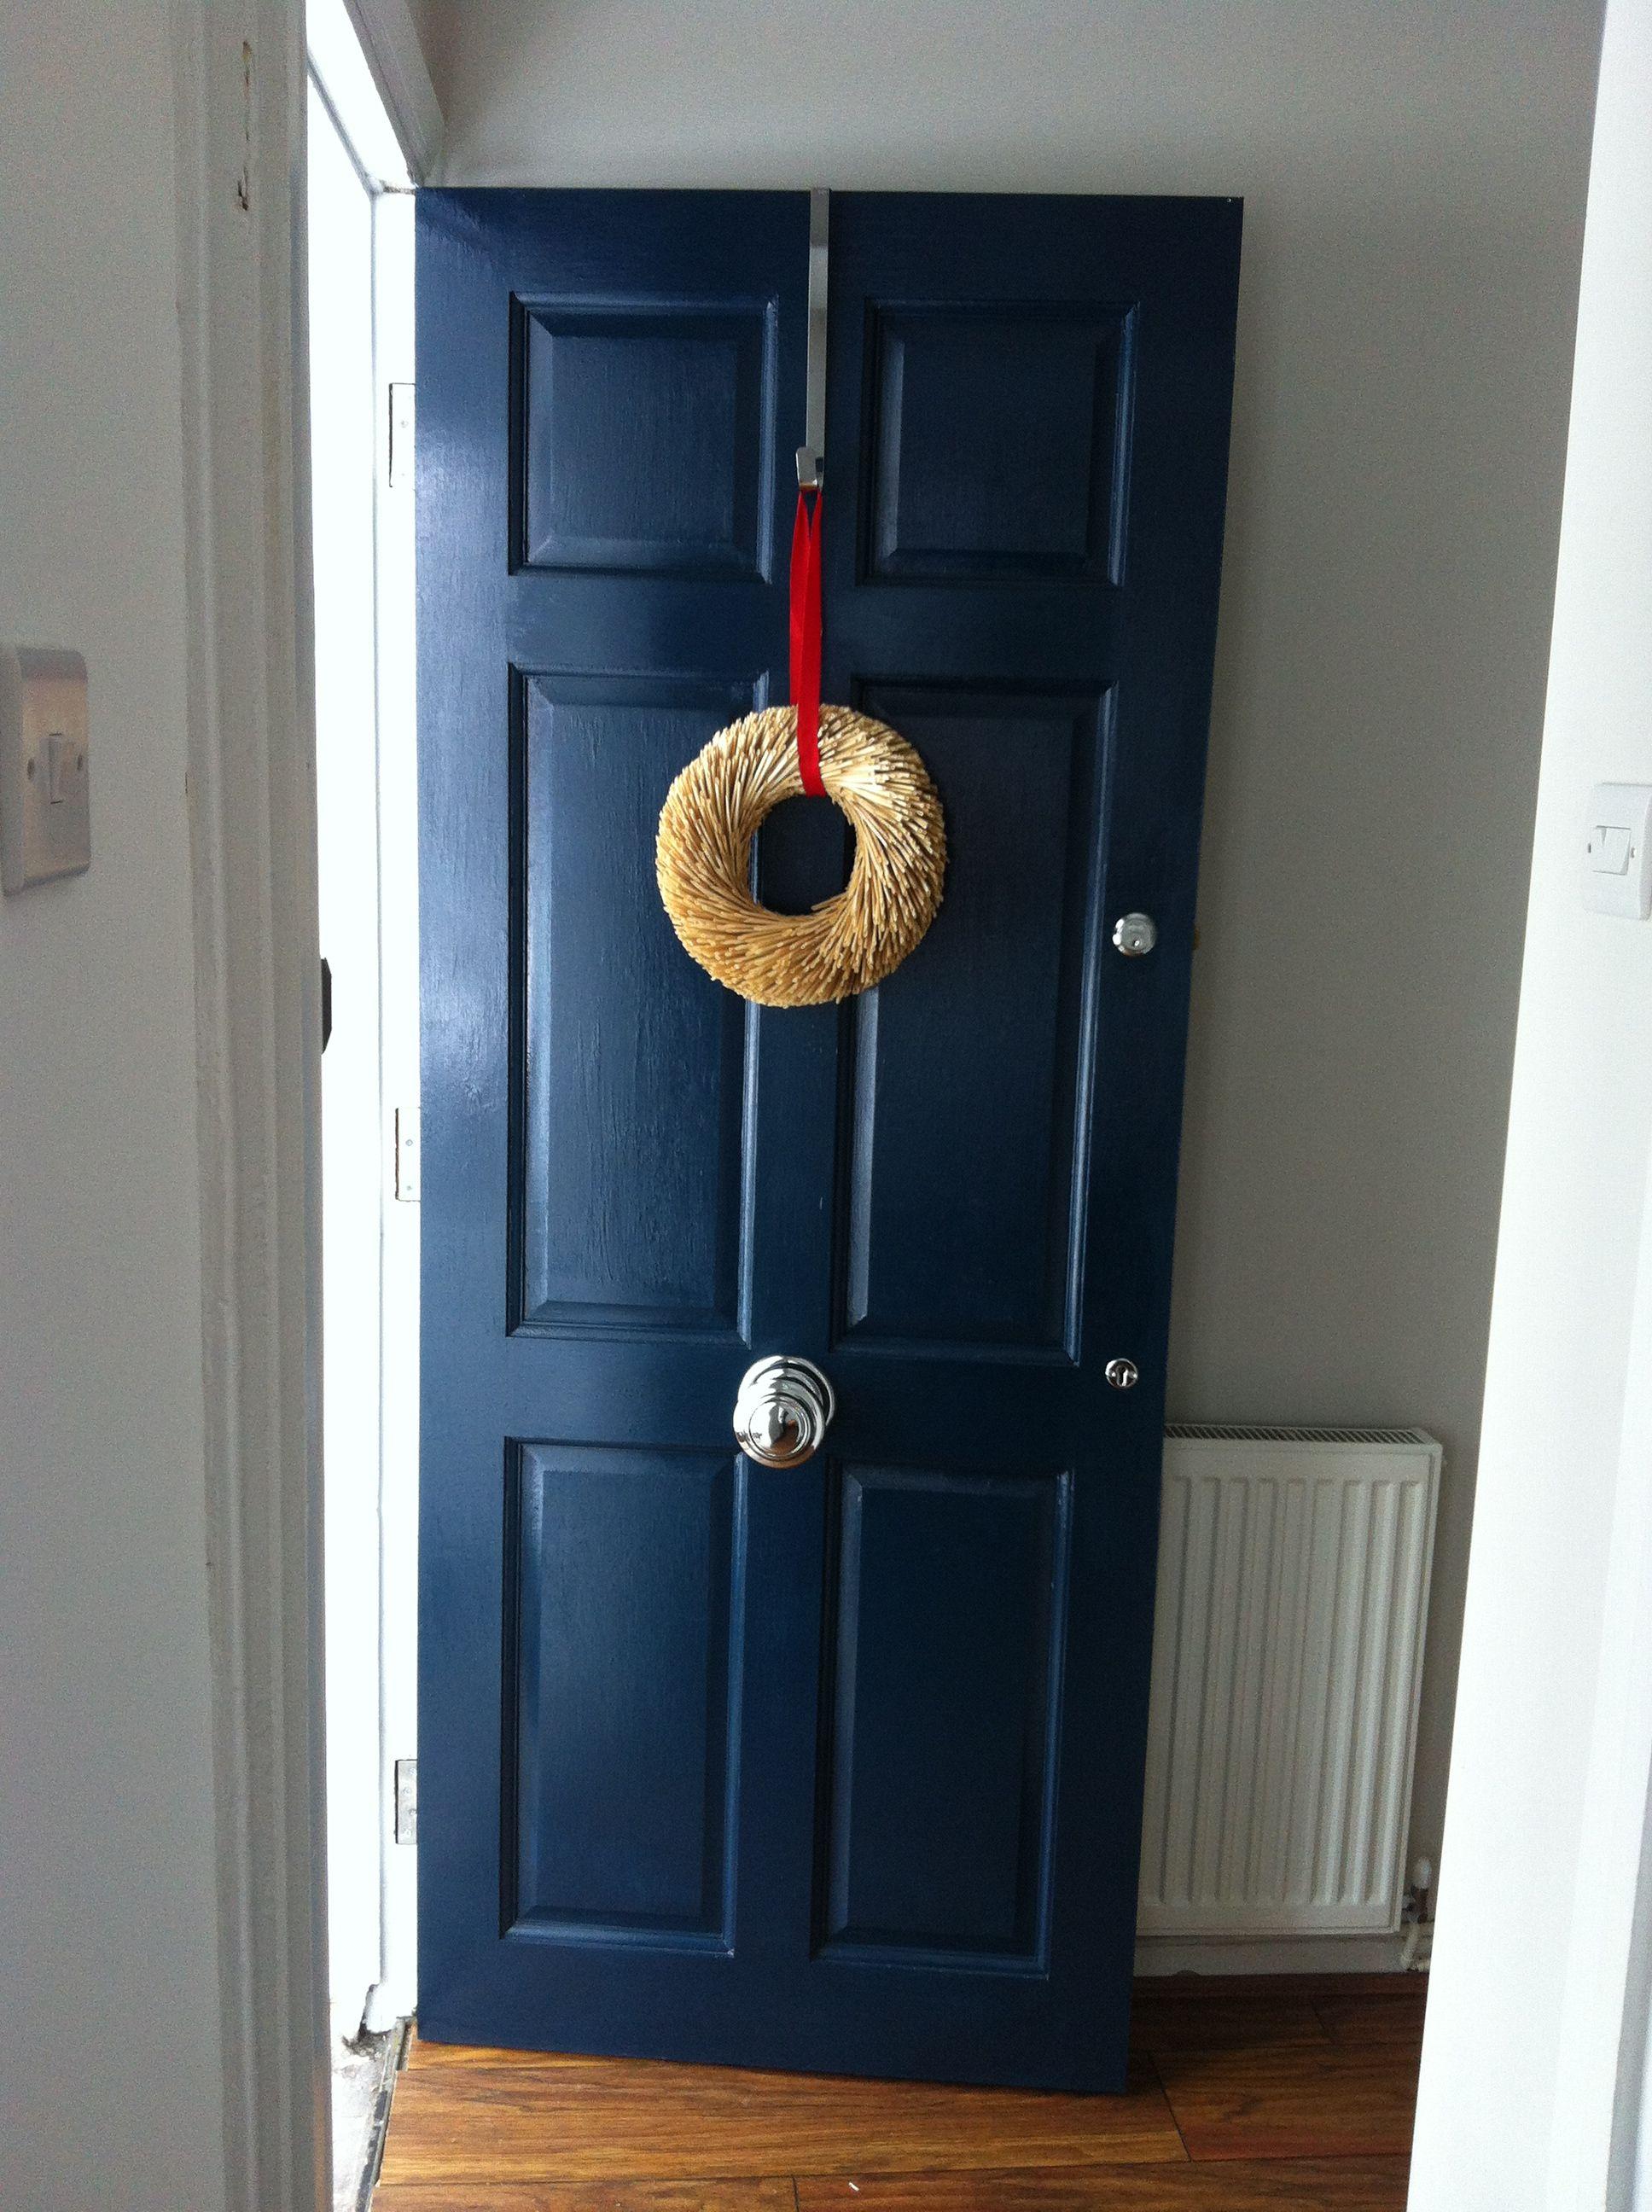 Farrow and ball Hague blue front door   Front door colors, Blue ...